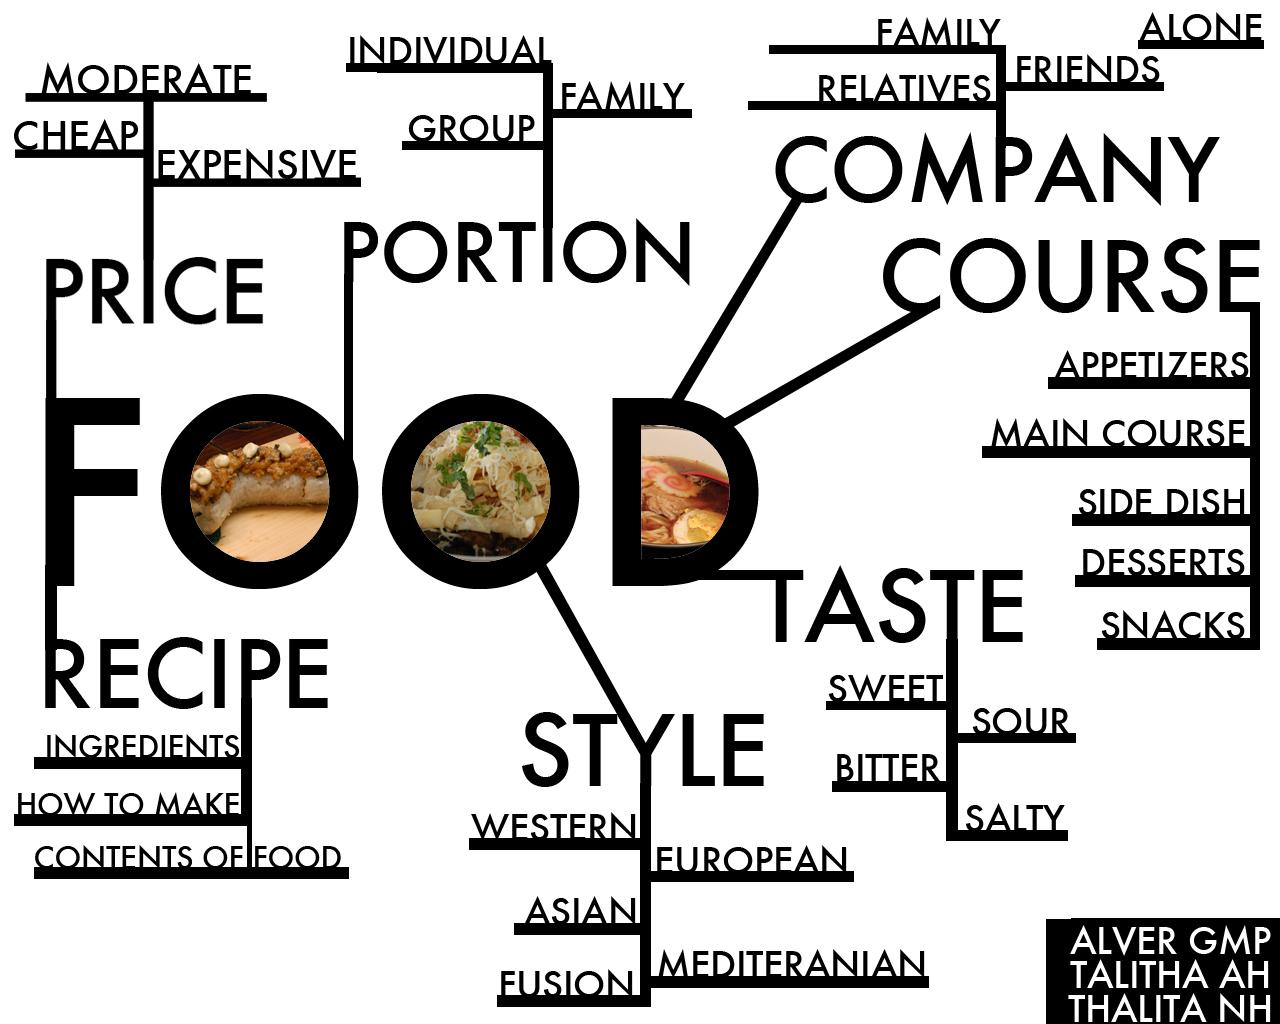 Food Resources Healthy Eating Habits Chestnut Esl Efl